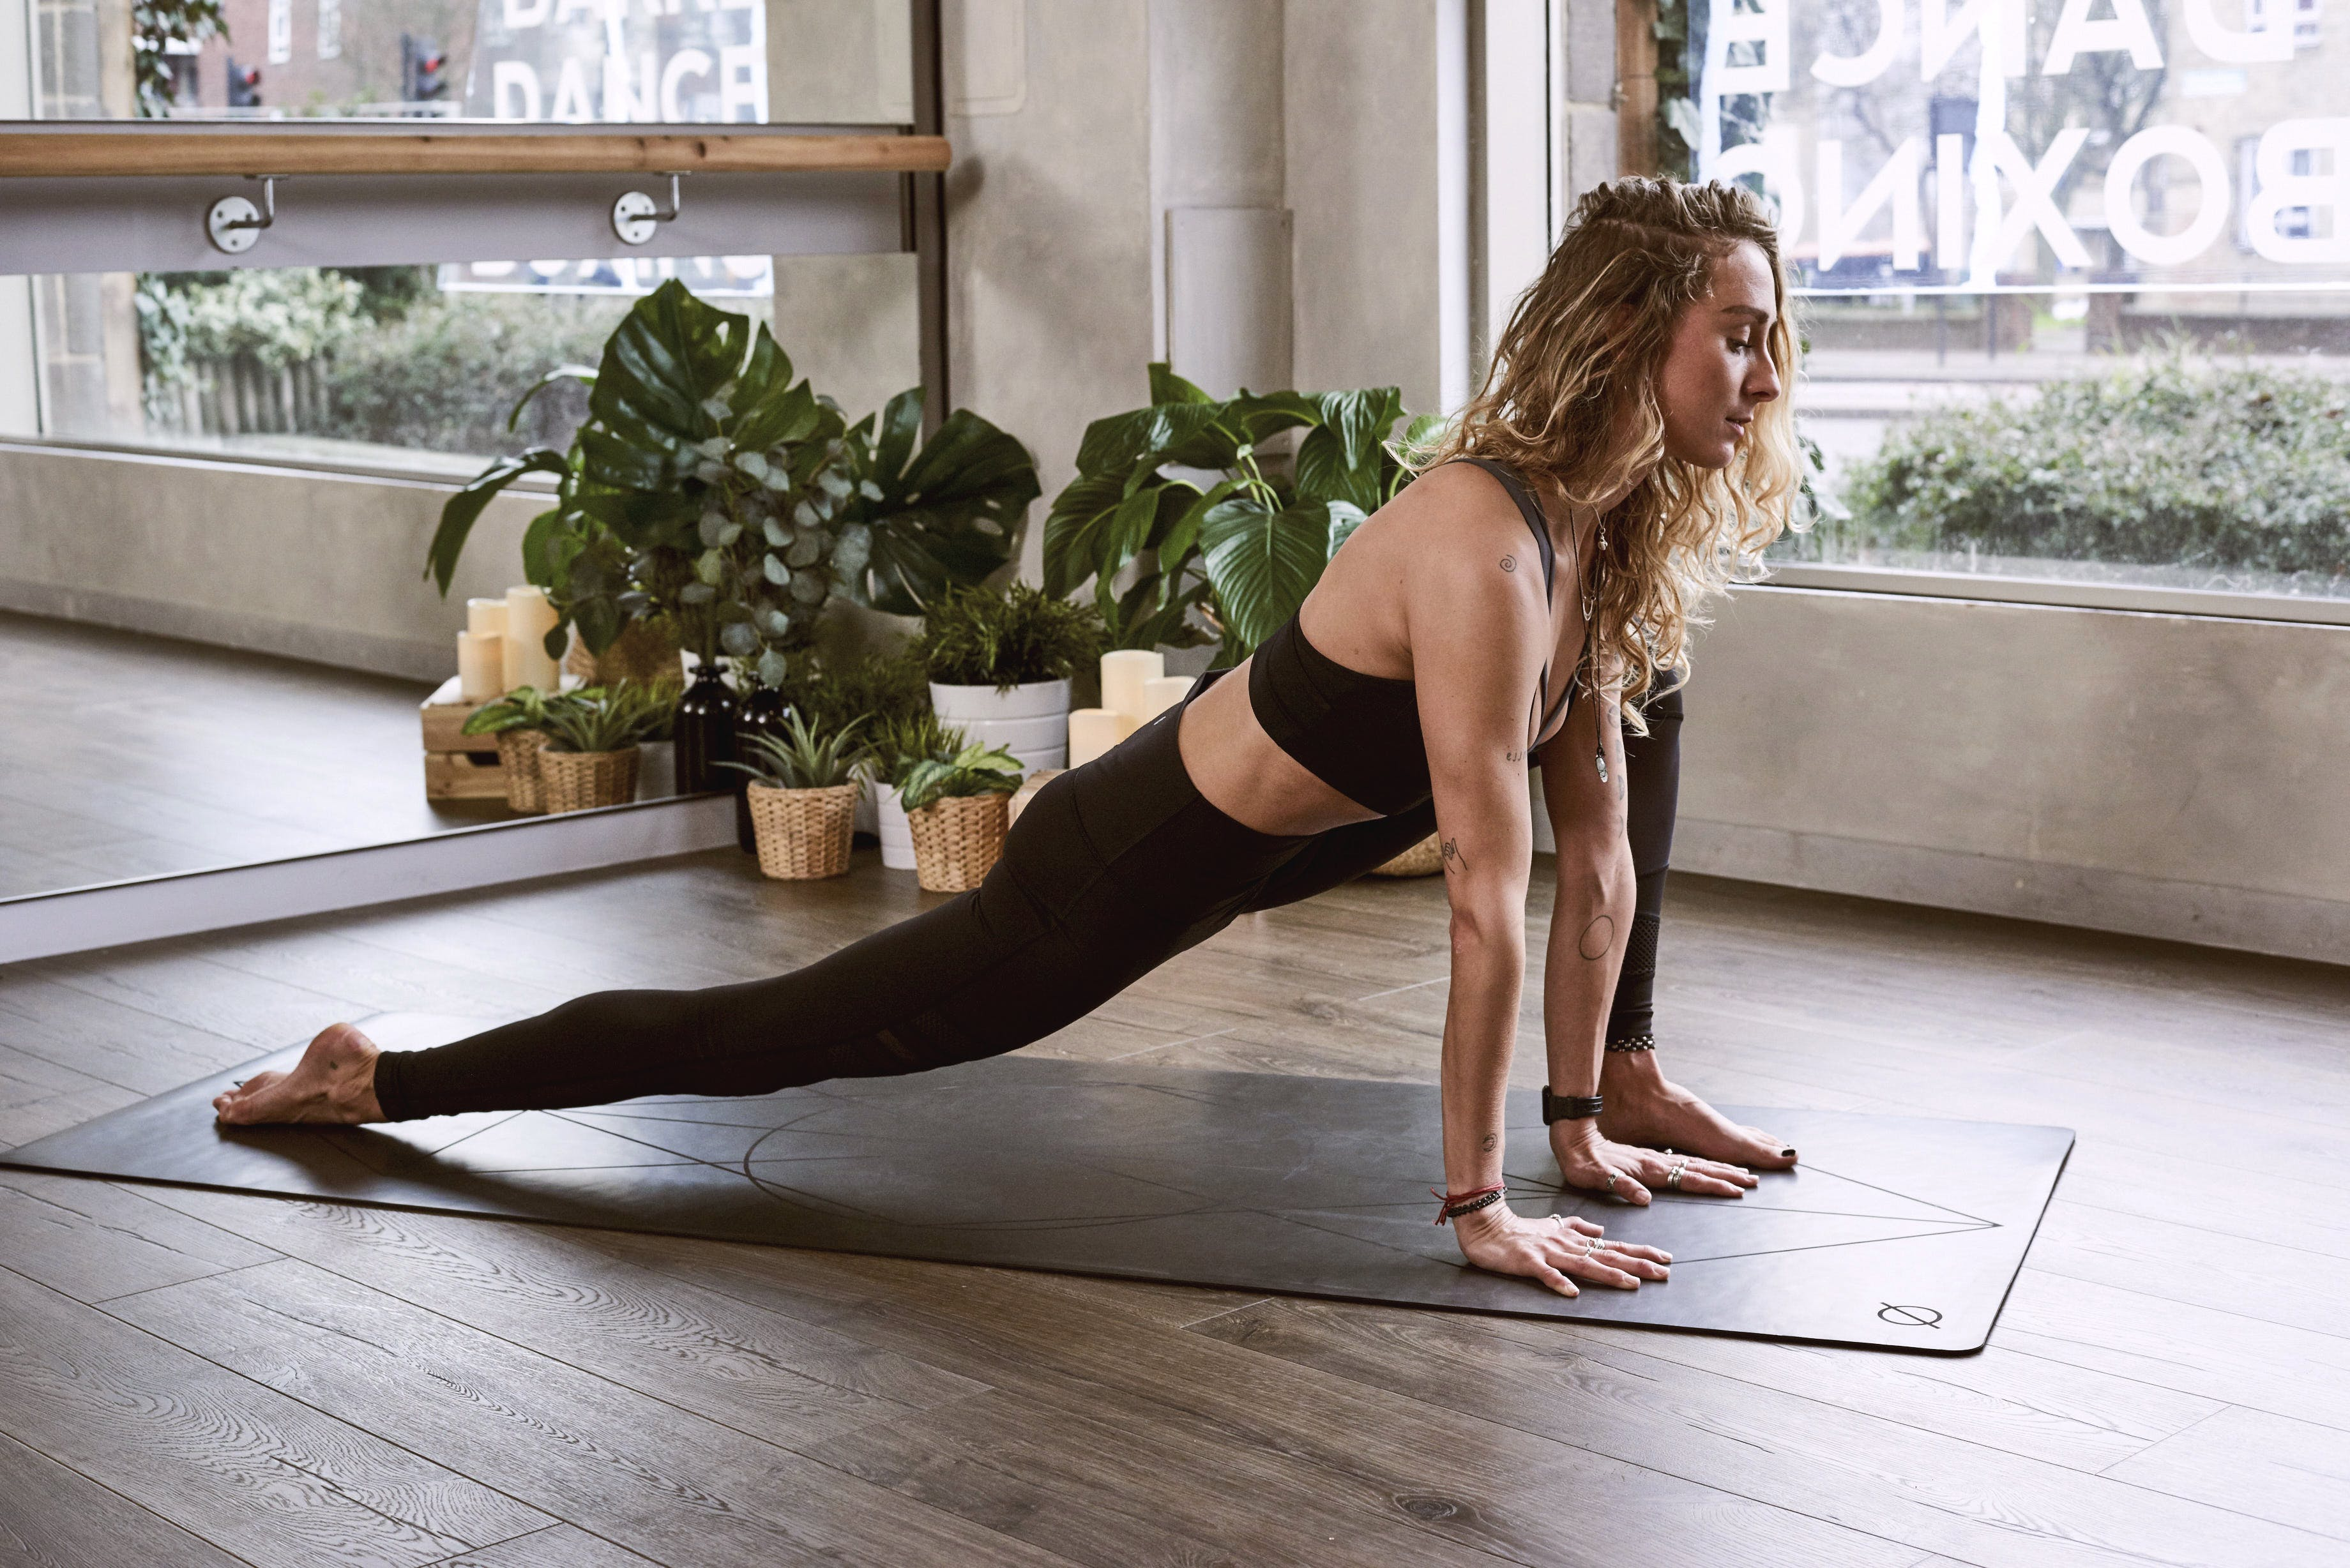 Kostnadsfri bild av akro yoga, aktiva, balans, barfota